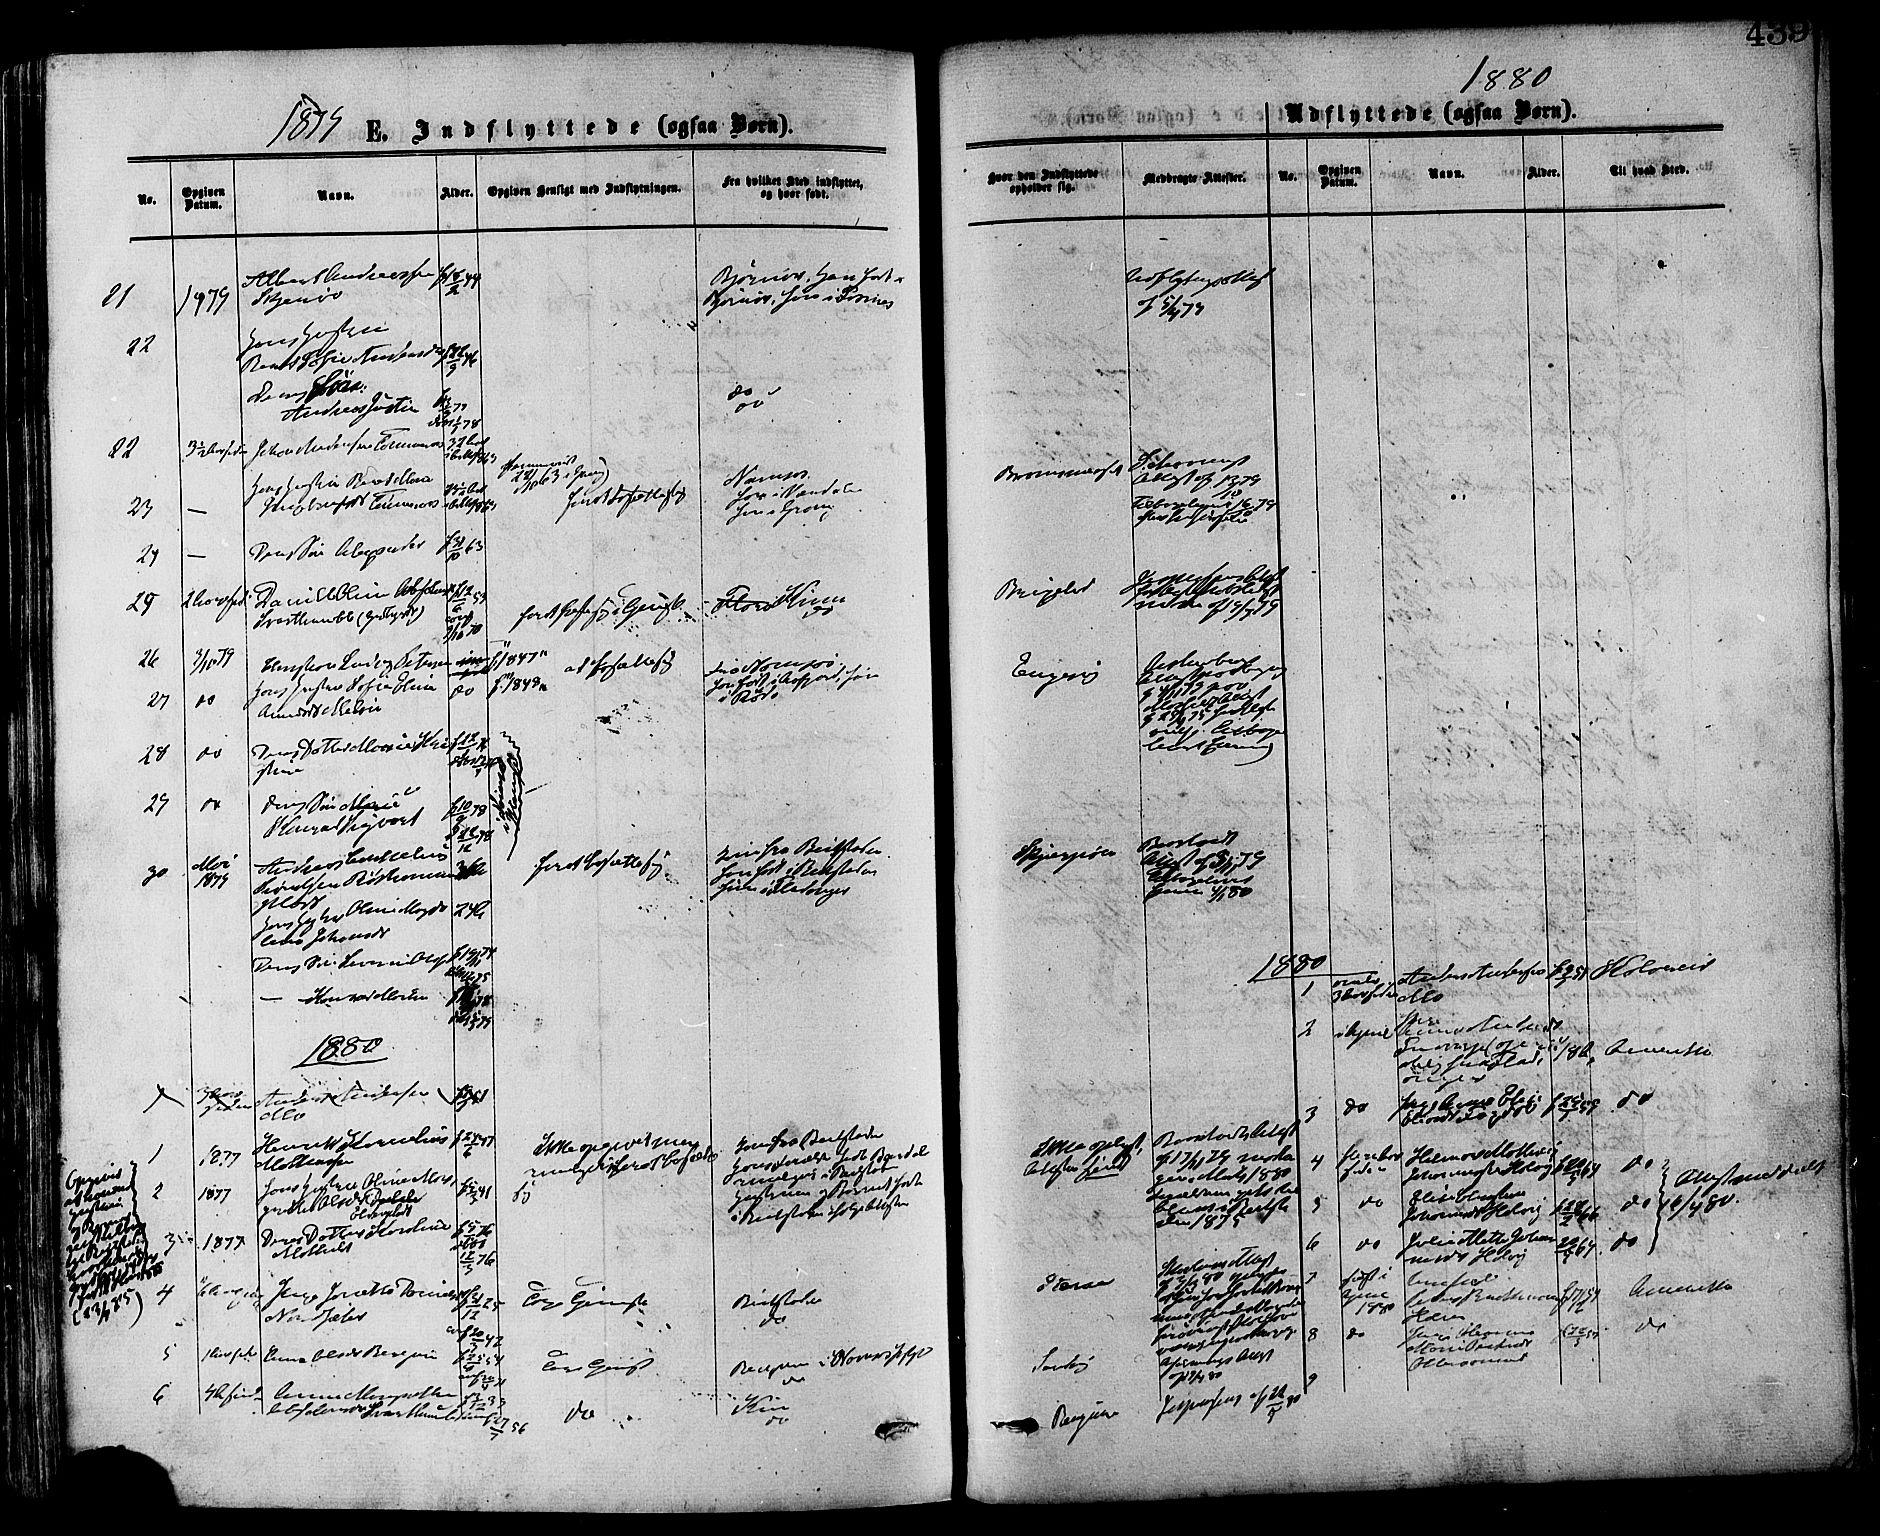 SAT, Ministerialprotokoller, klokkerbøker og fødselsregistre - Nord-Trøndelag, 773/L0616: Ministerialbok nr. 773A07, 1870-1887, s. 439